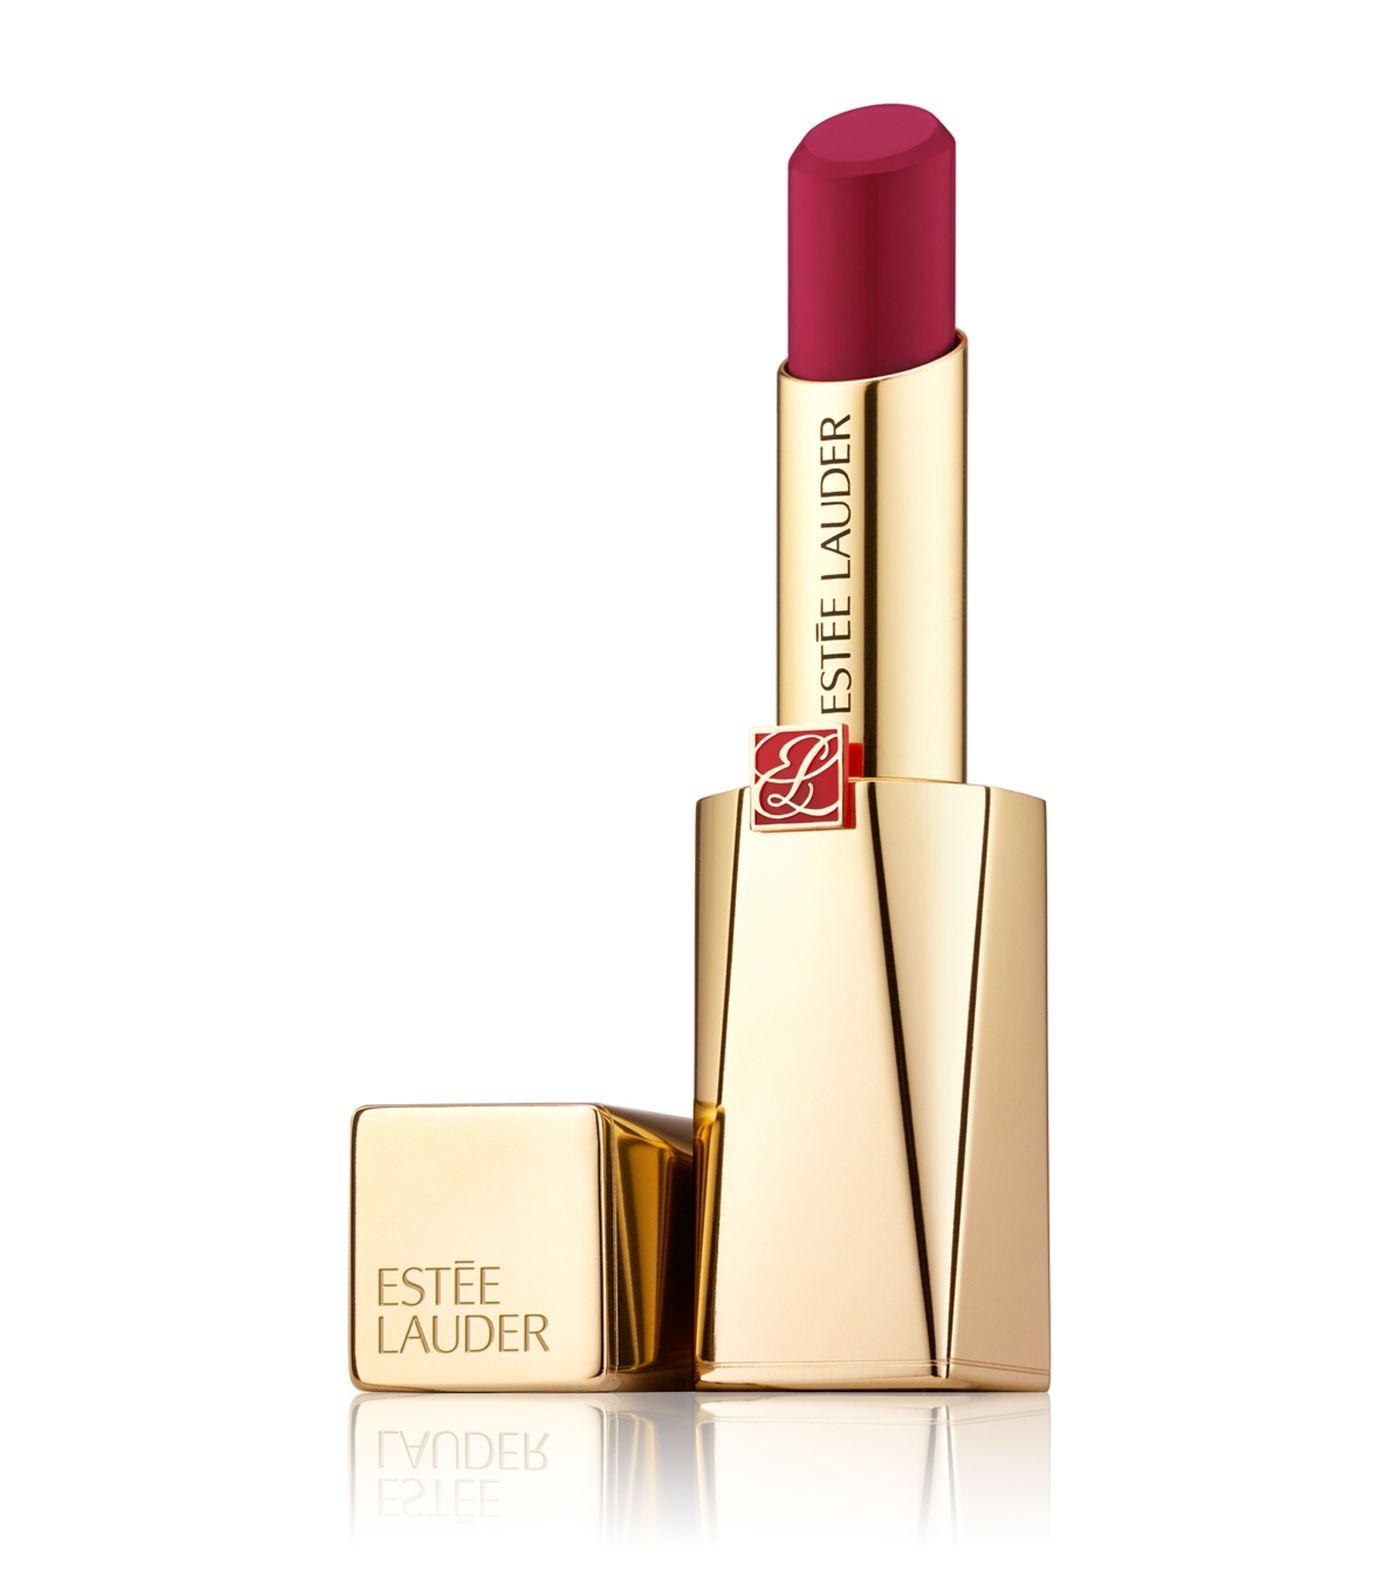 Estée Lauder Pure Color Desire Rouge Excess Lipstick 3.1gr 207 Warning